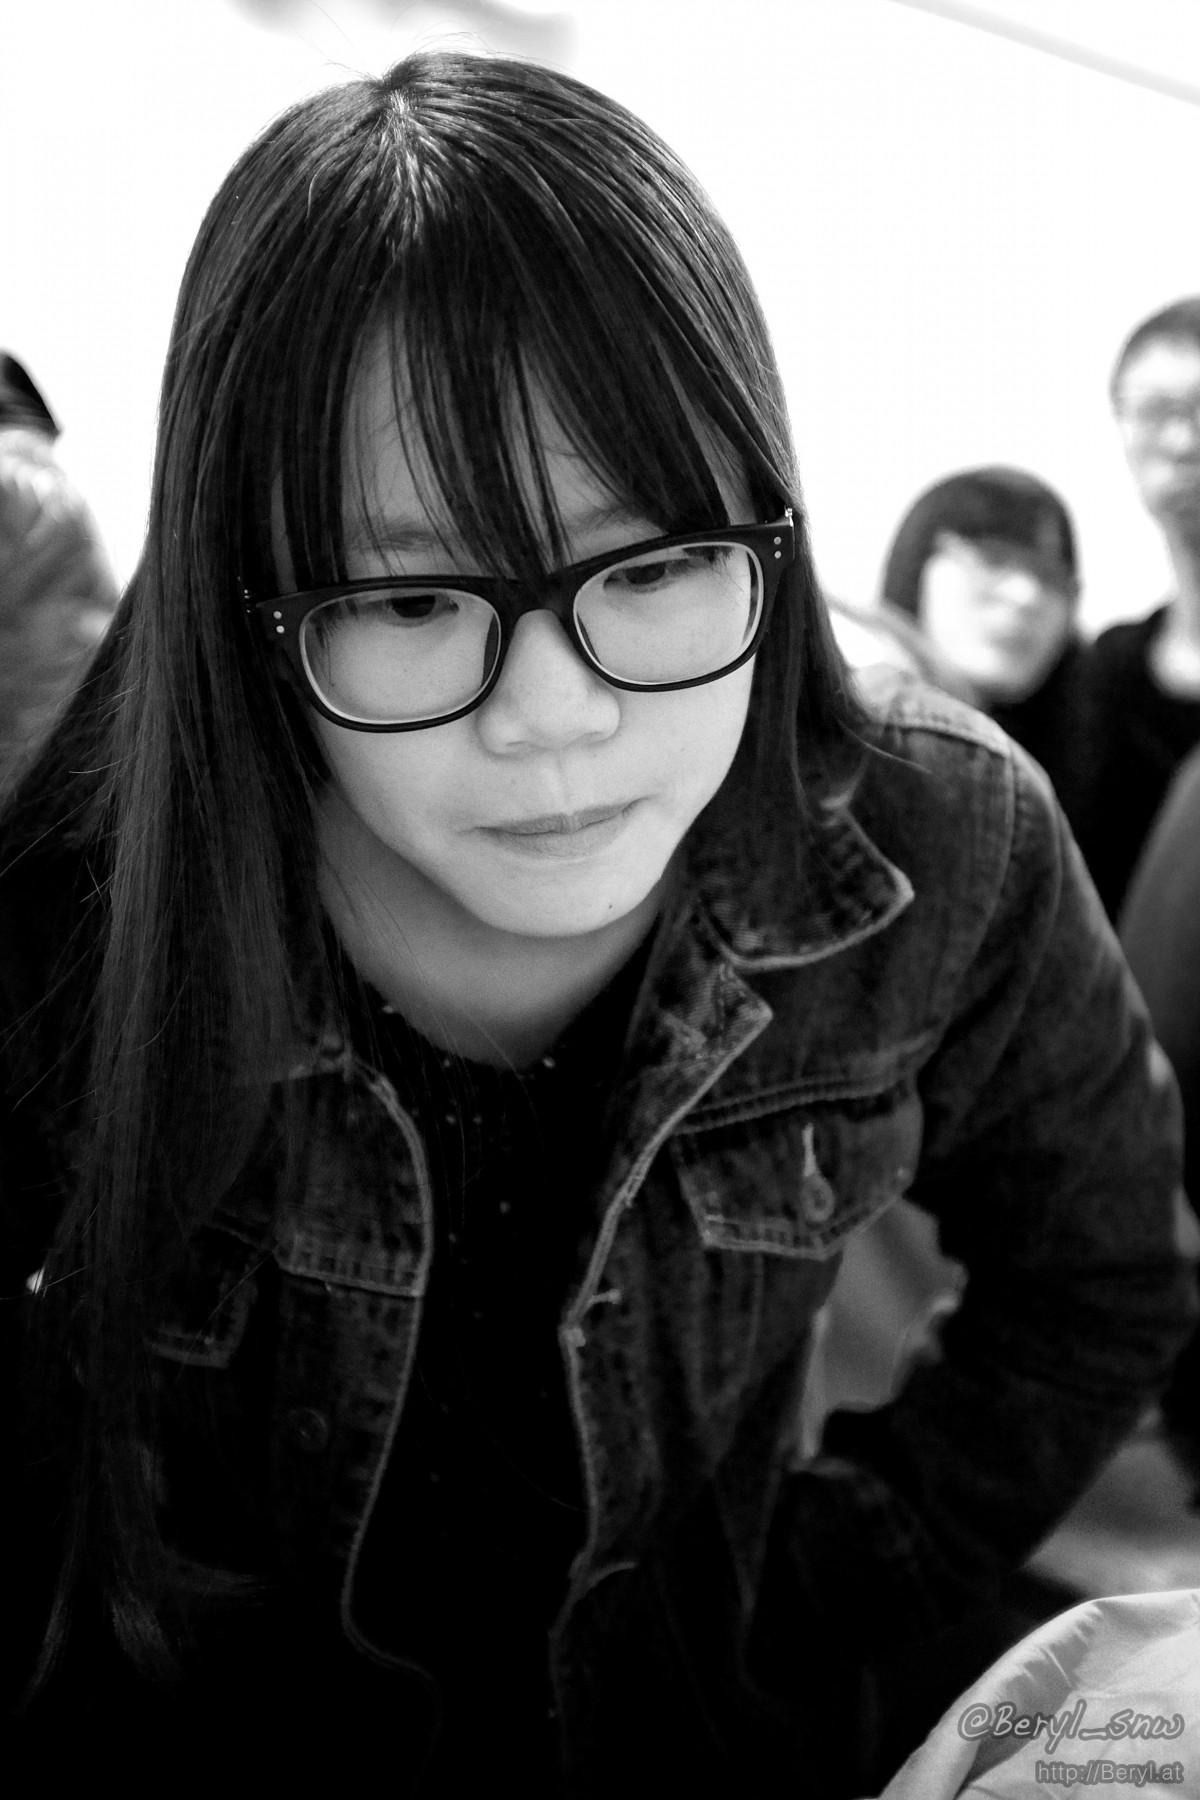 how to take black and white photos with fujifilm xt10